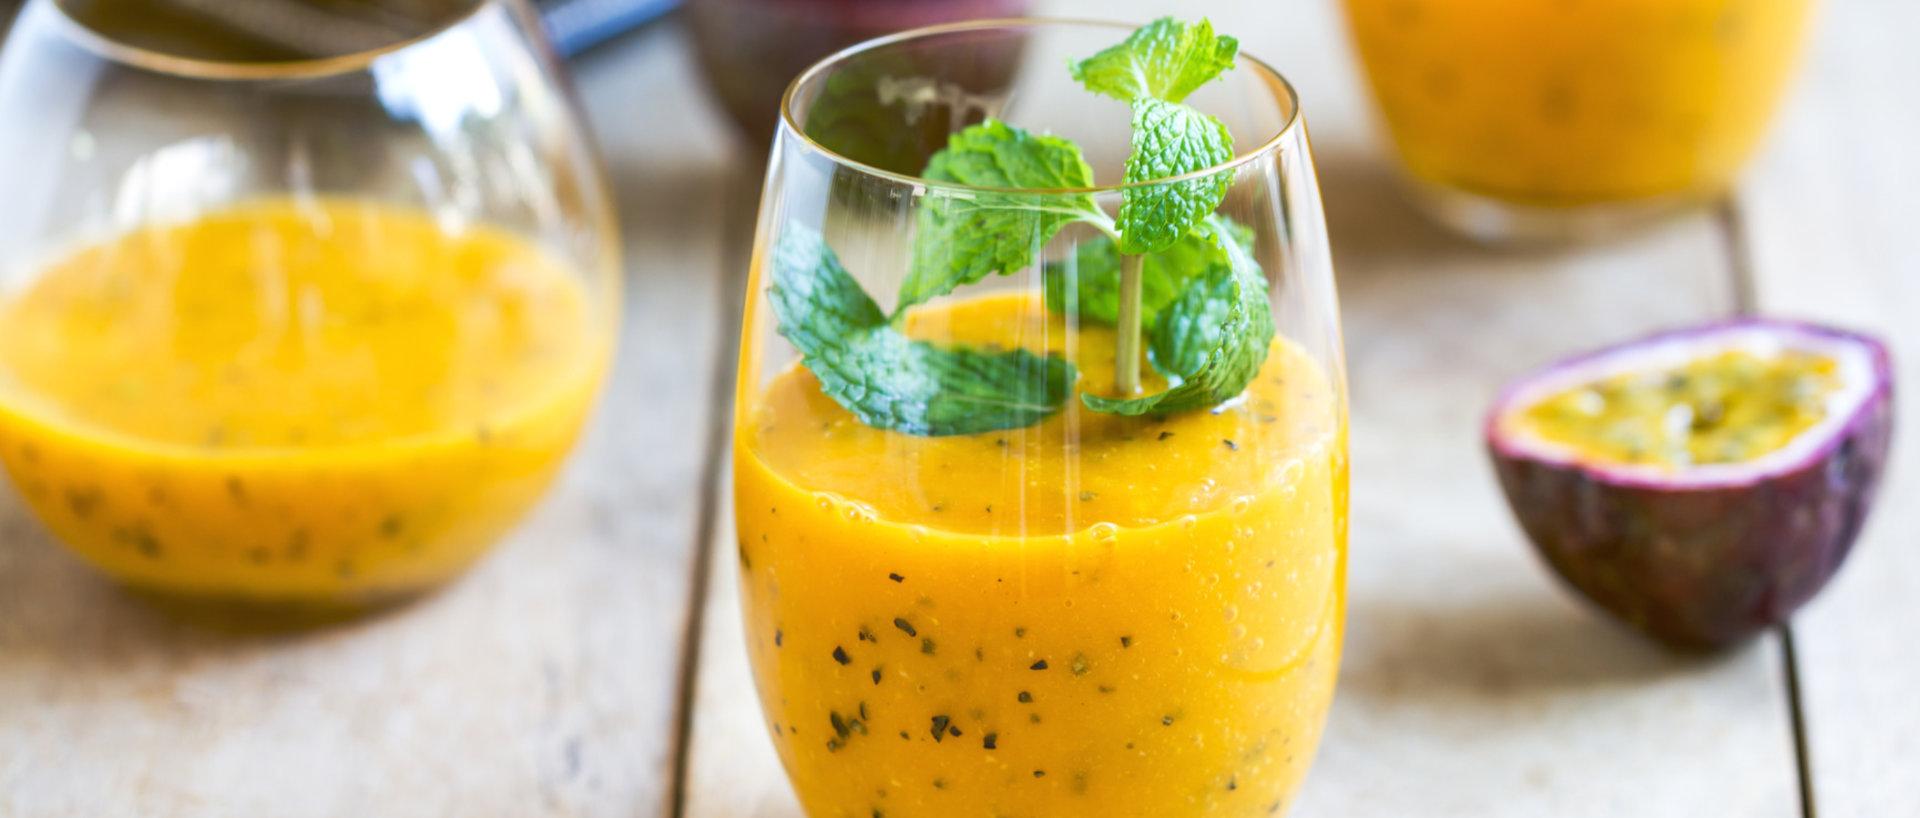 mango hyldeblomst passionsfrugt drik